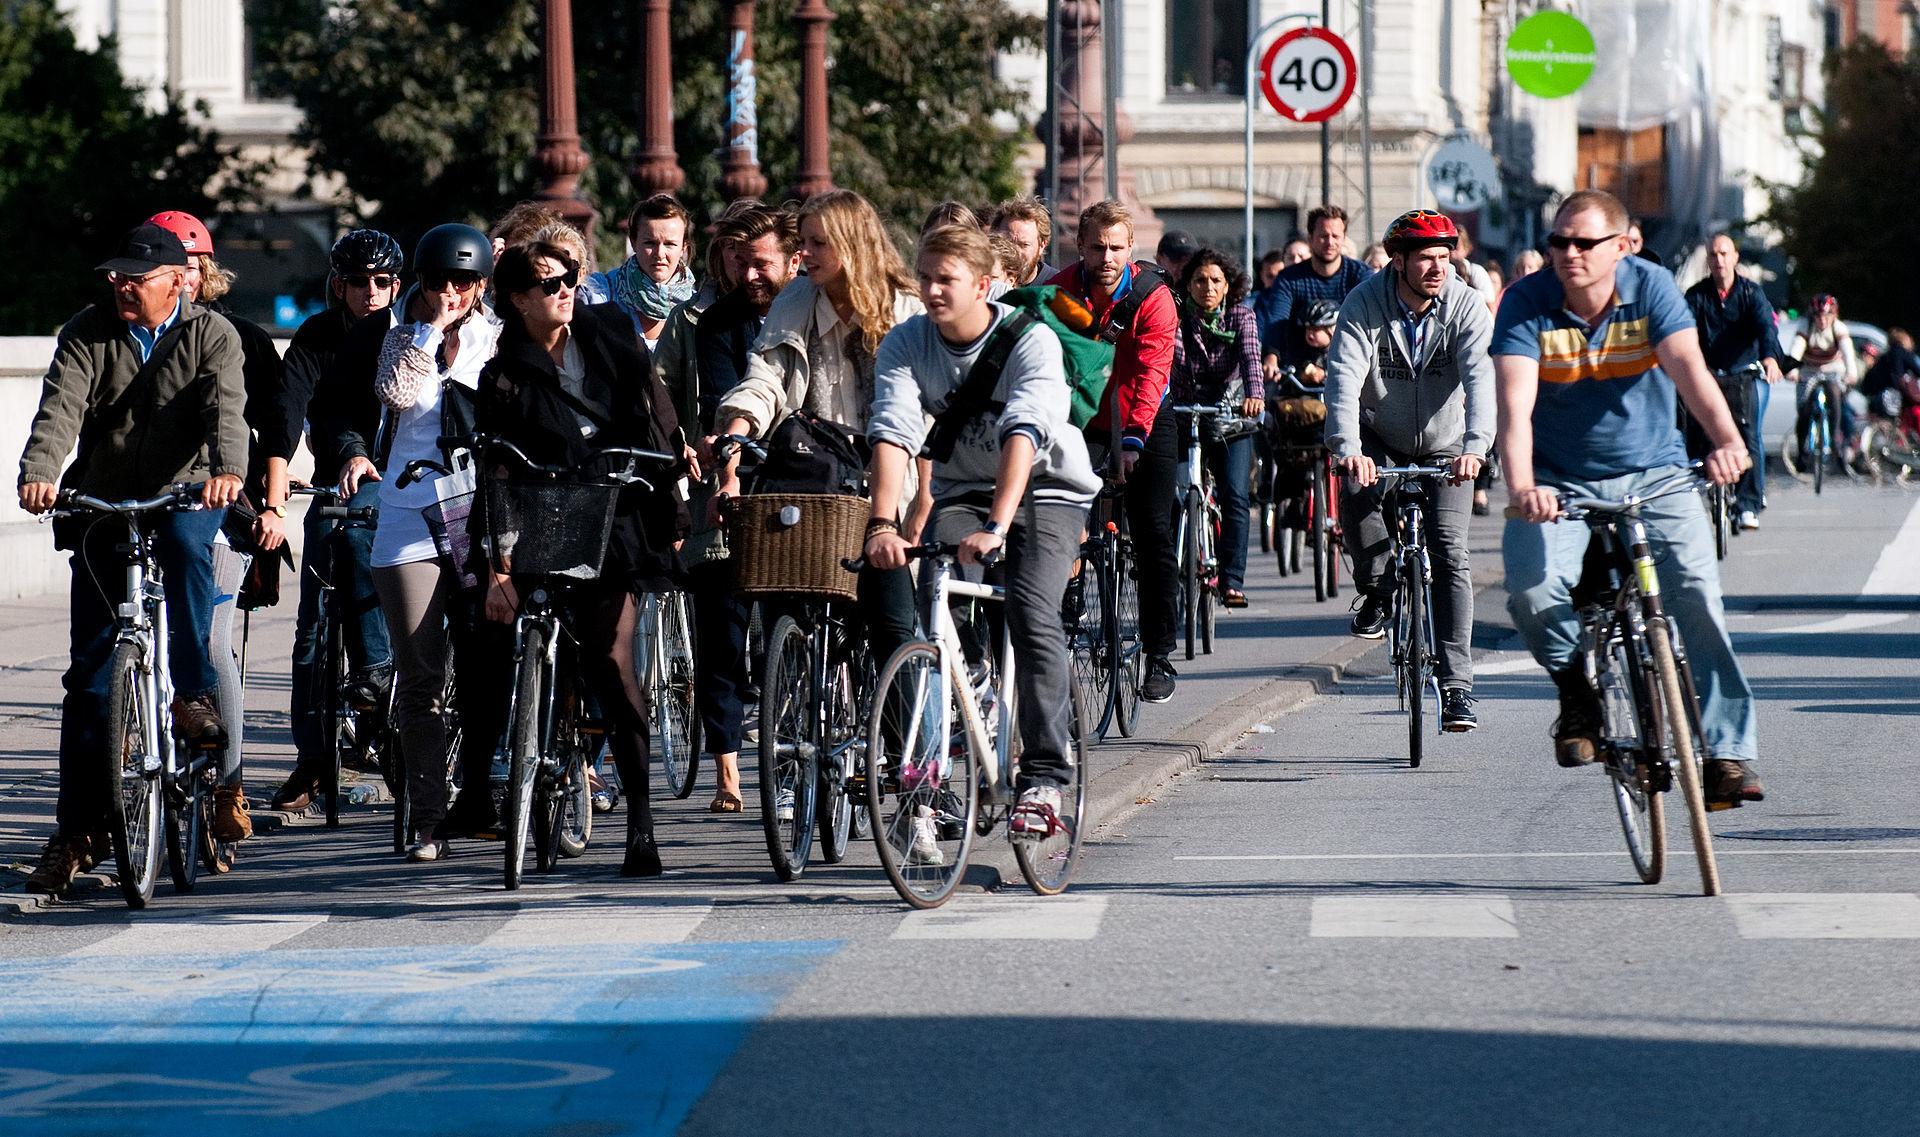 Rush hour in Copenhagen.